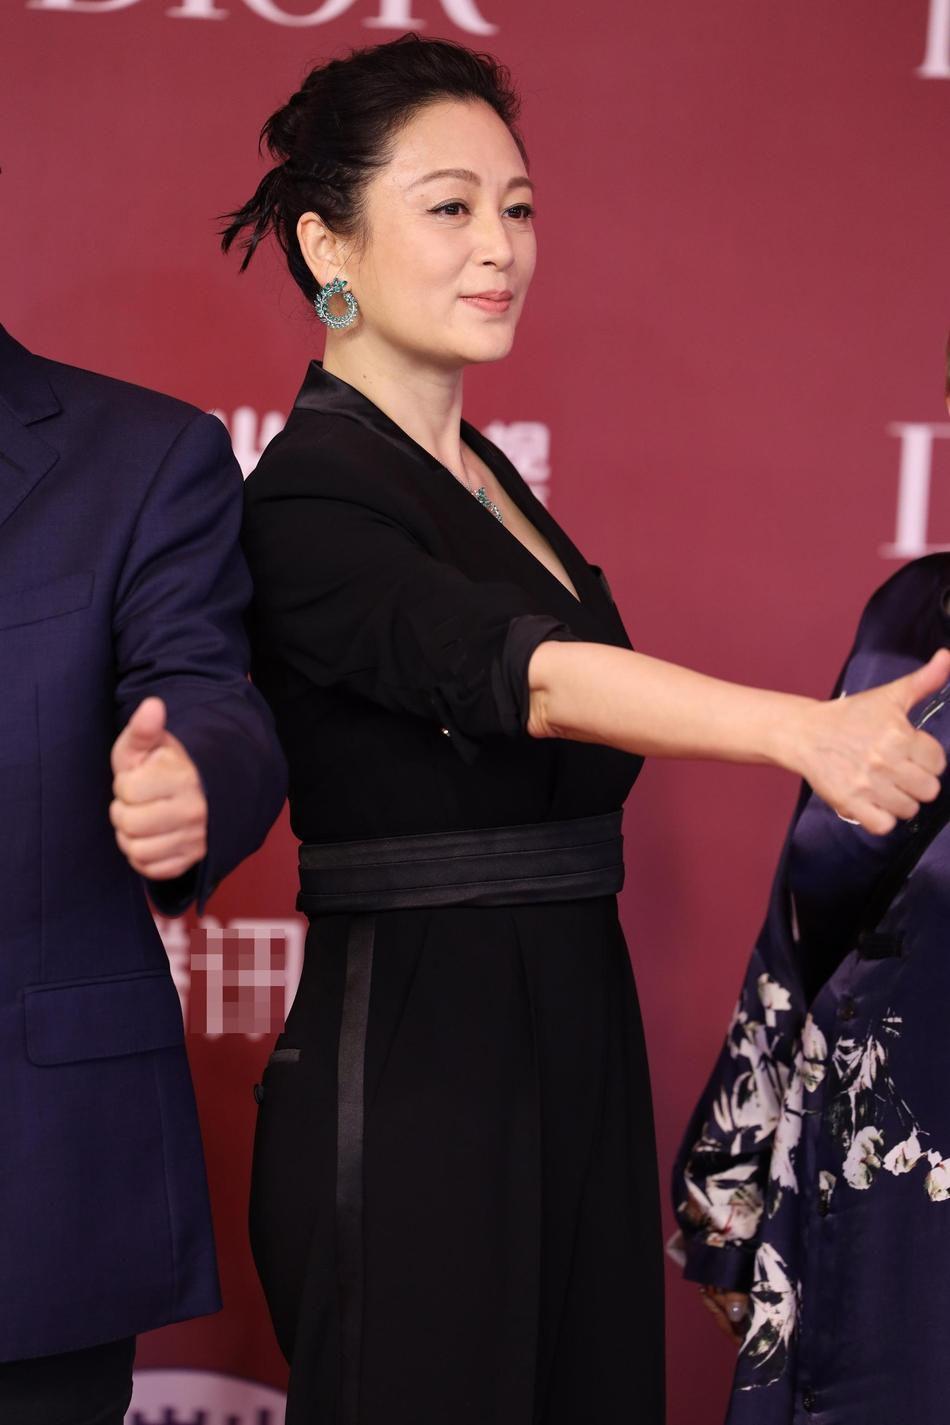 Nhan sắc tuổi 52 của 'Nữ diễn viên xinh đẹp nhất Trung Quốc' Ảnh 5